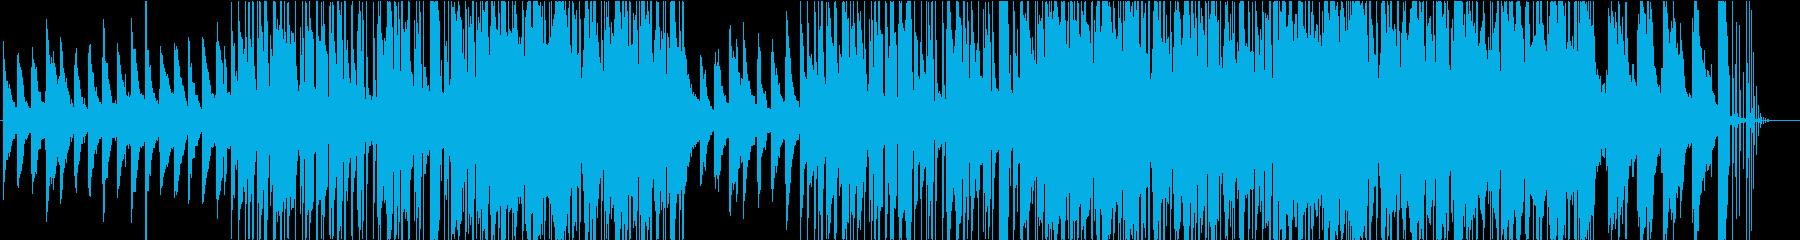 ジャズ・チルアウト・ヒップホップの再生済みの波形